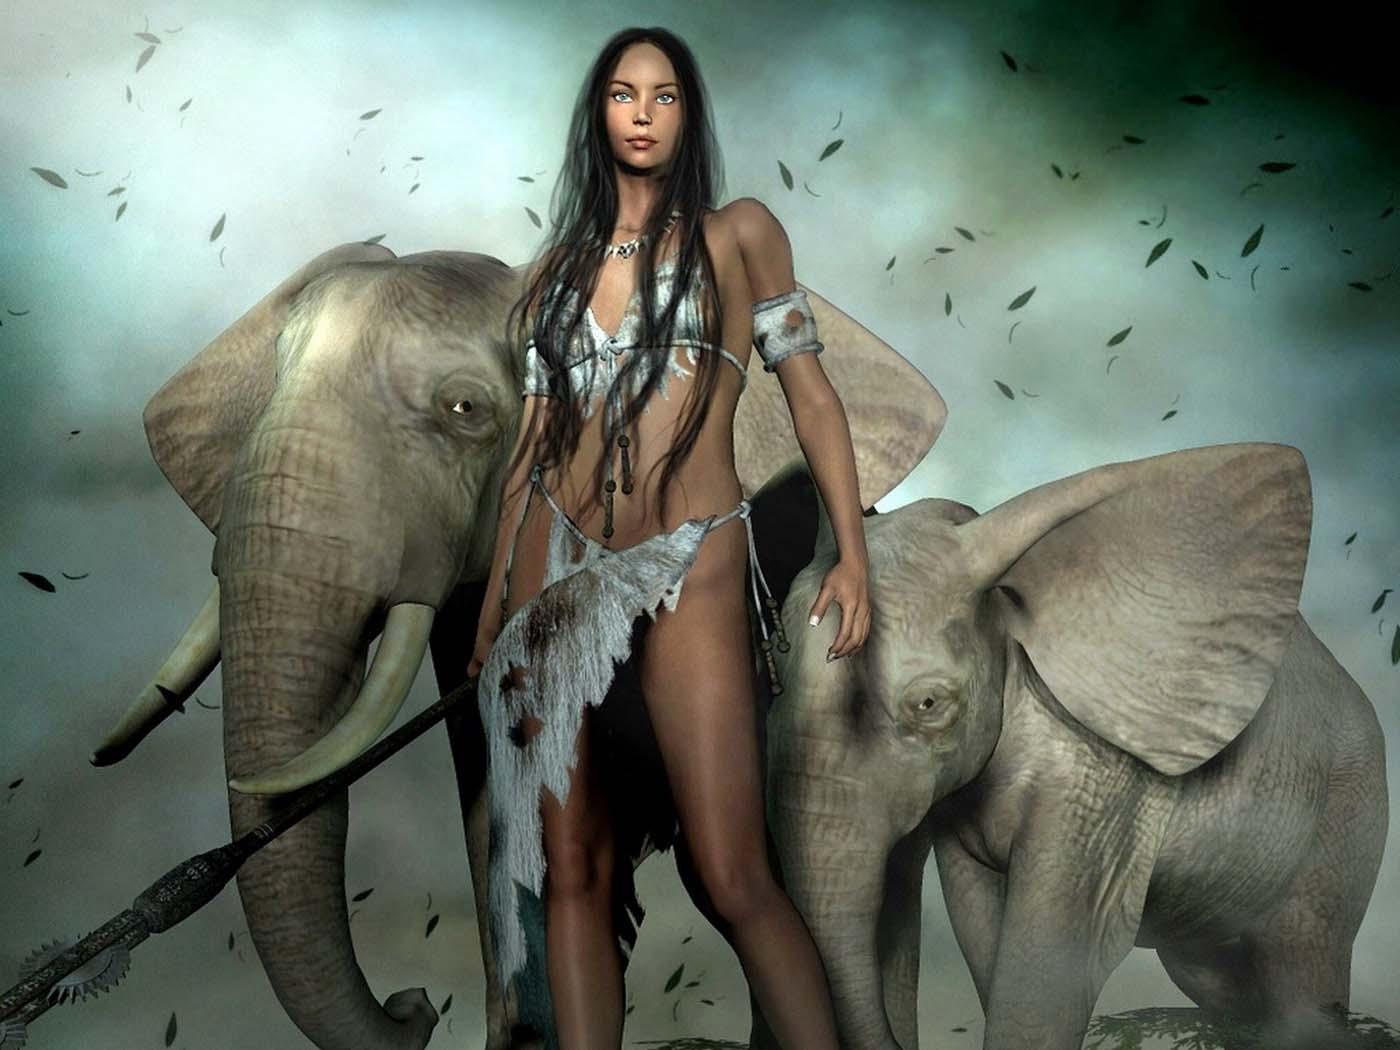 Ххх слон смотреть бесплатно 7 фотография